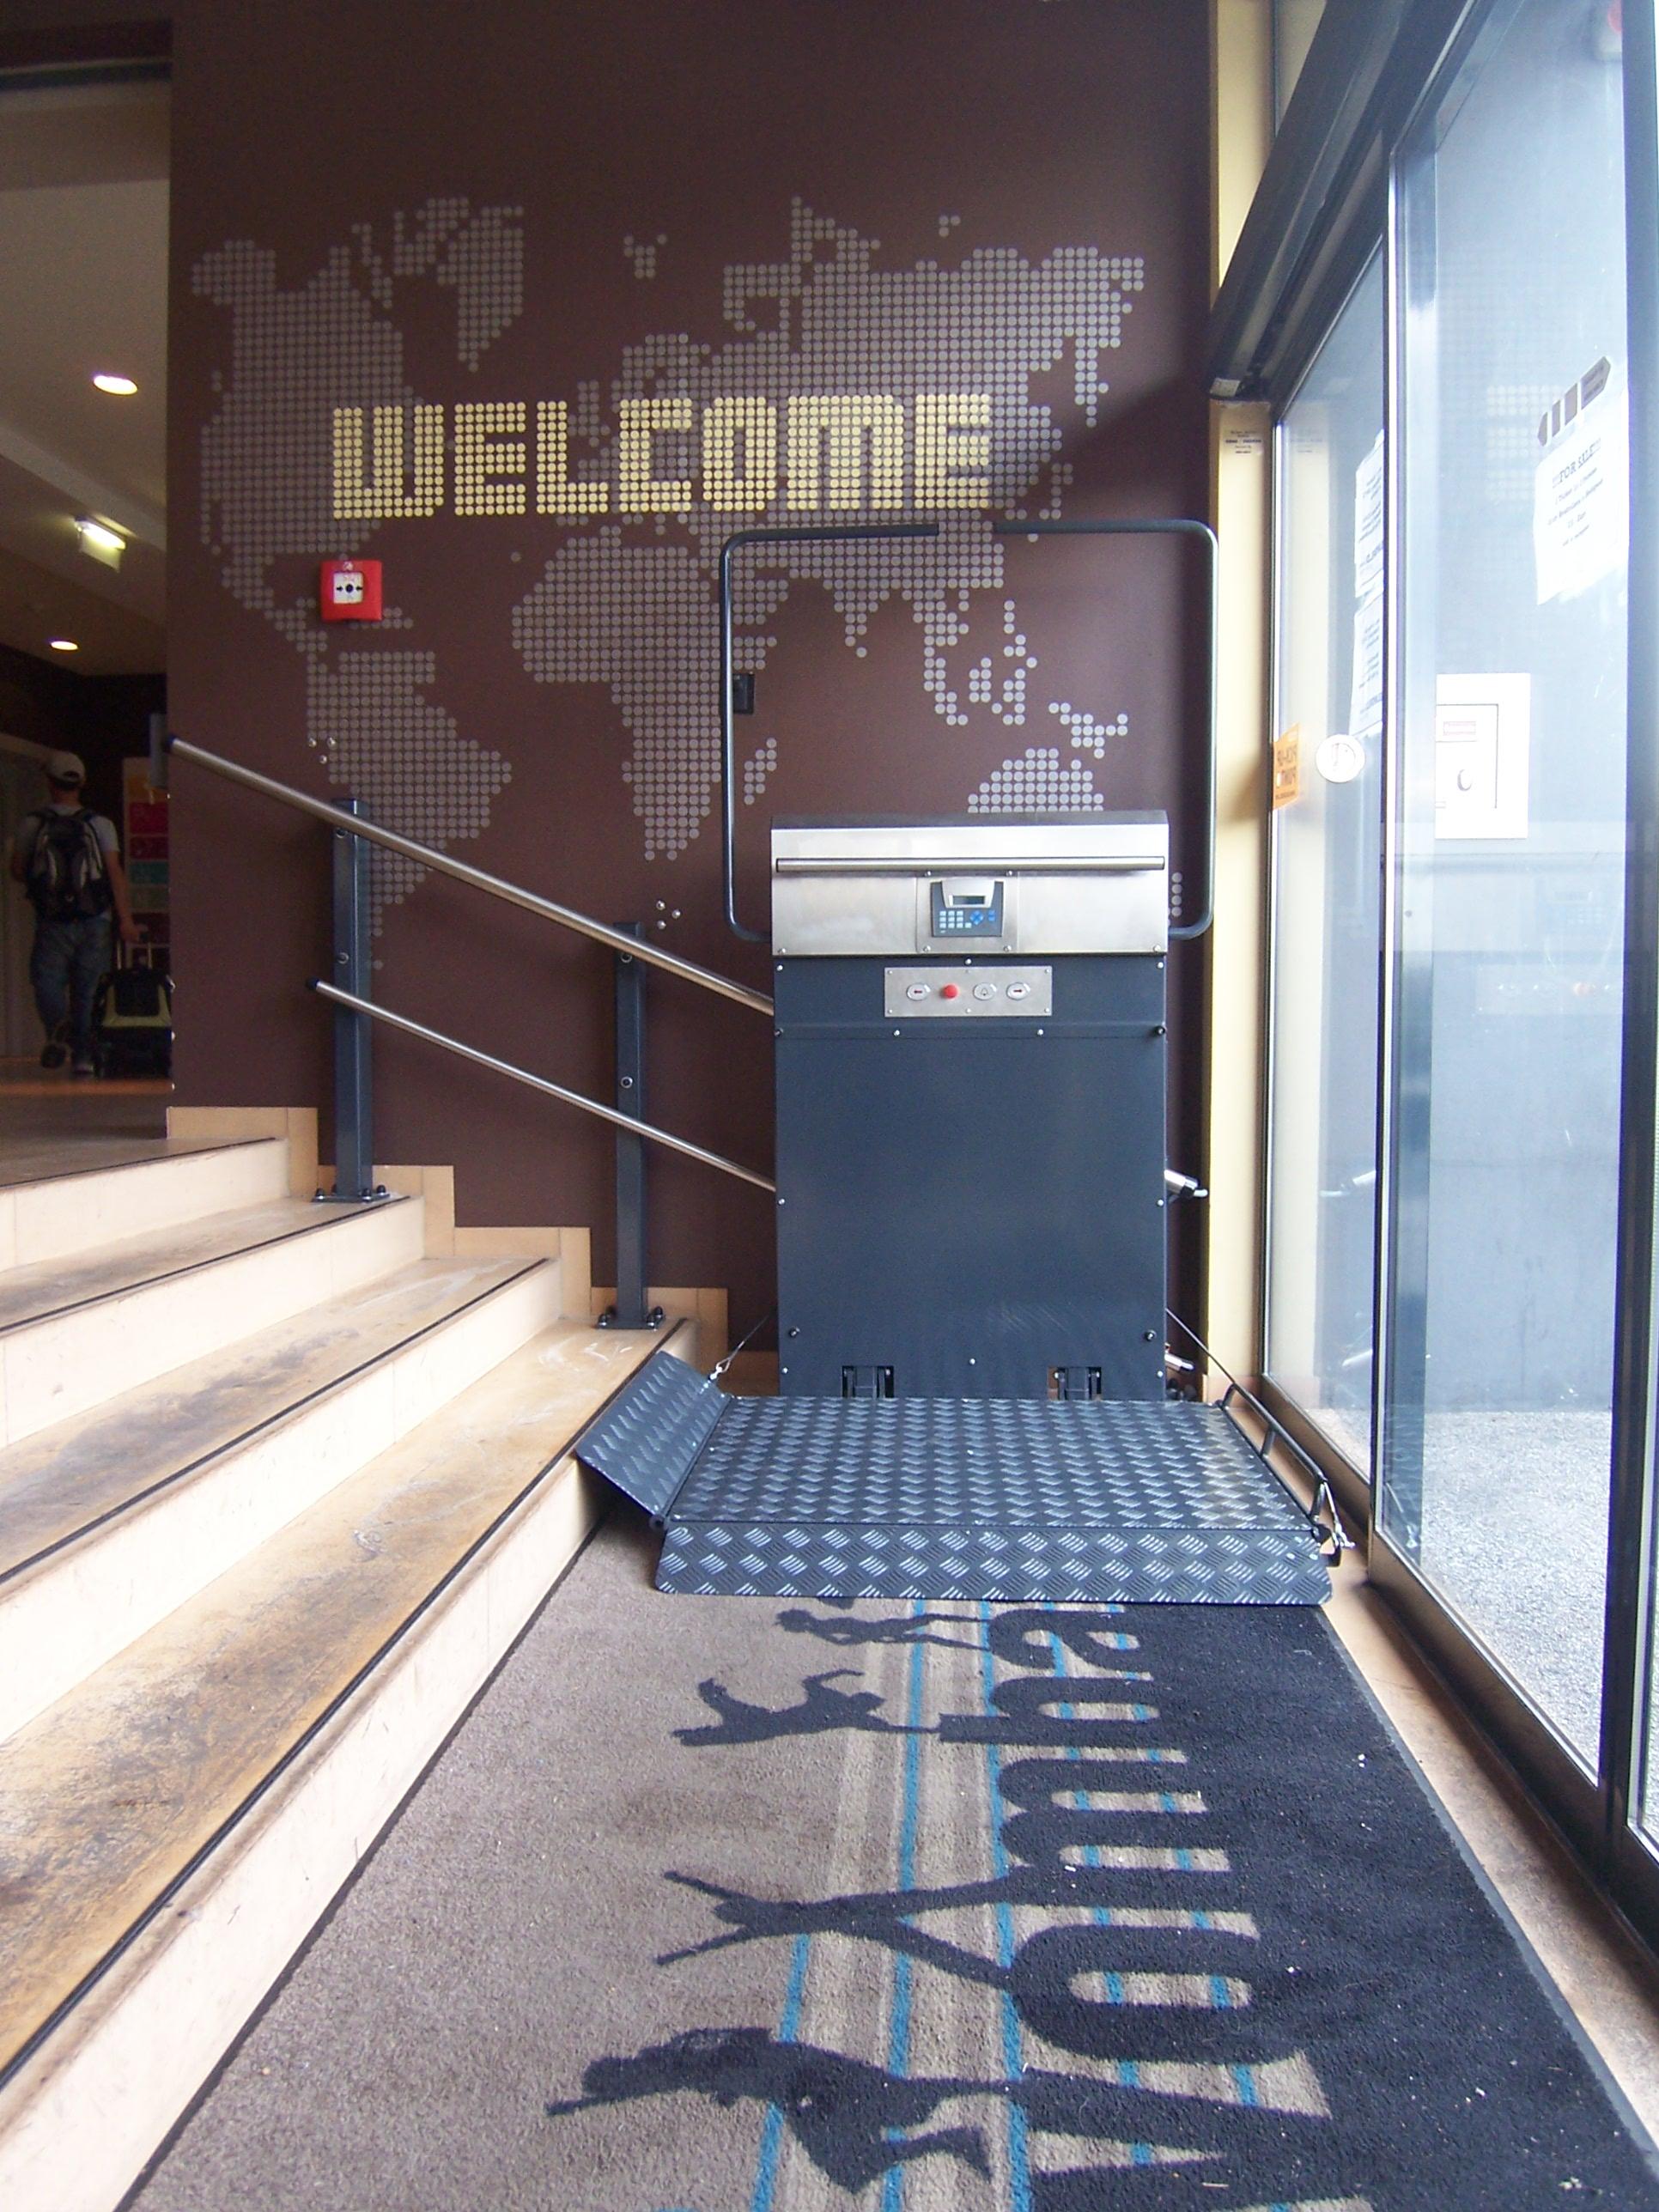 Der Plattformlift GTL 20 bietet sich immer dann an, wenn eine dezente barrierefreie Lösung für die Nutzung durch Rollstuhlfahrer in öffentlichen Gebäuden erforderlich ist